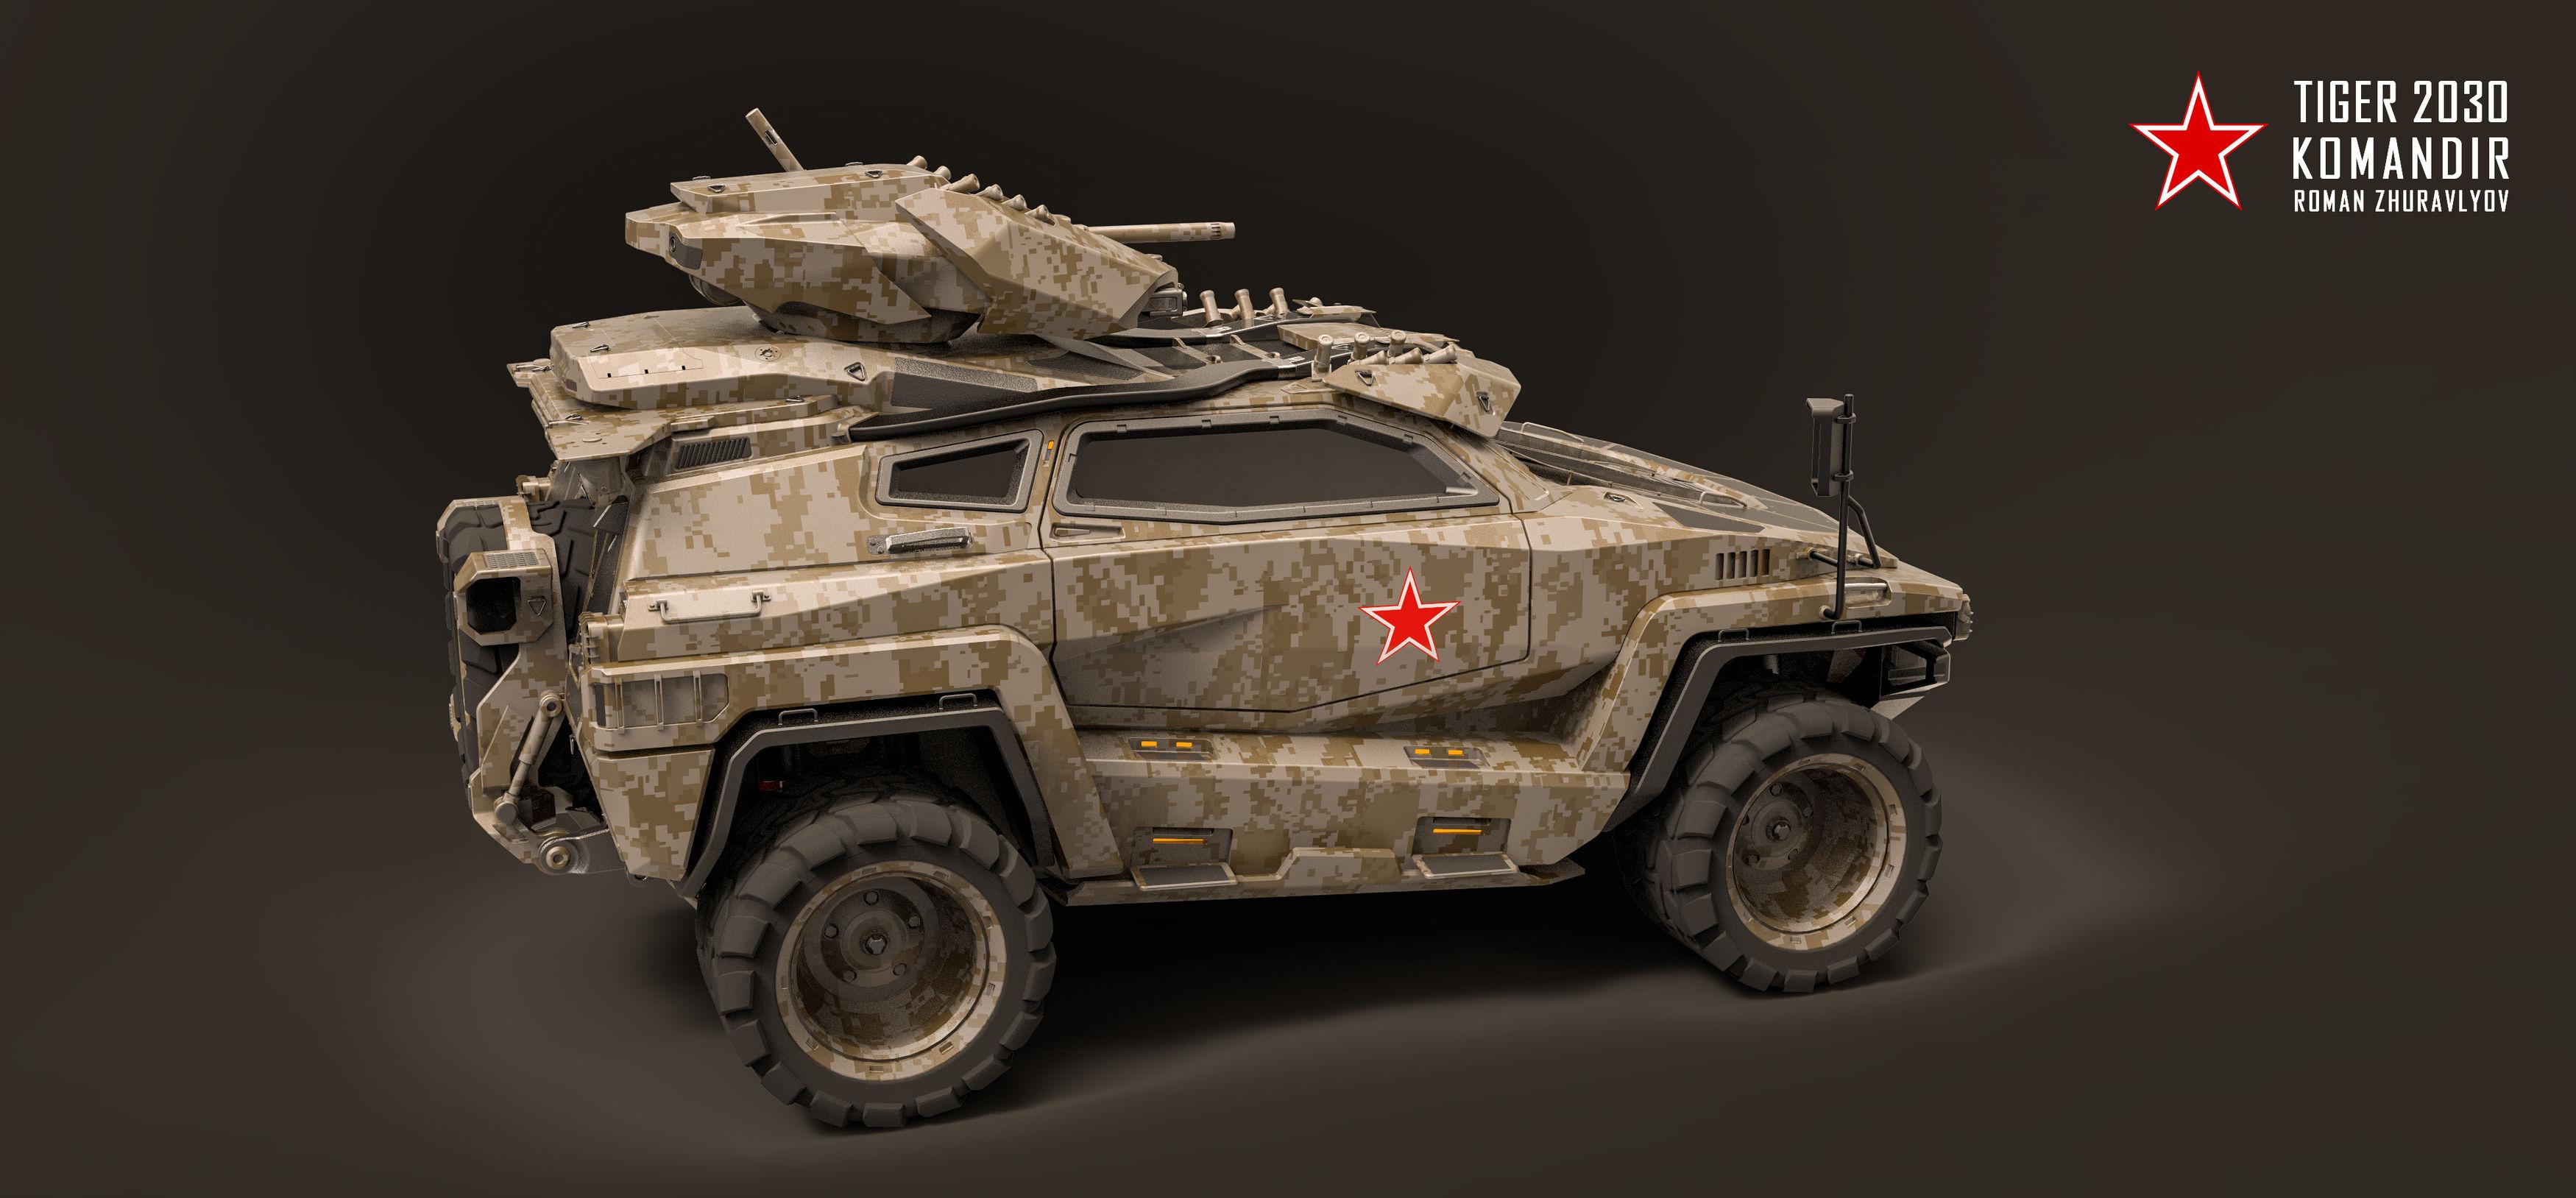 Bronevik-4-3500-3500